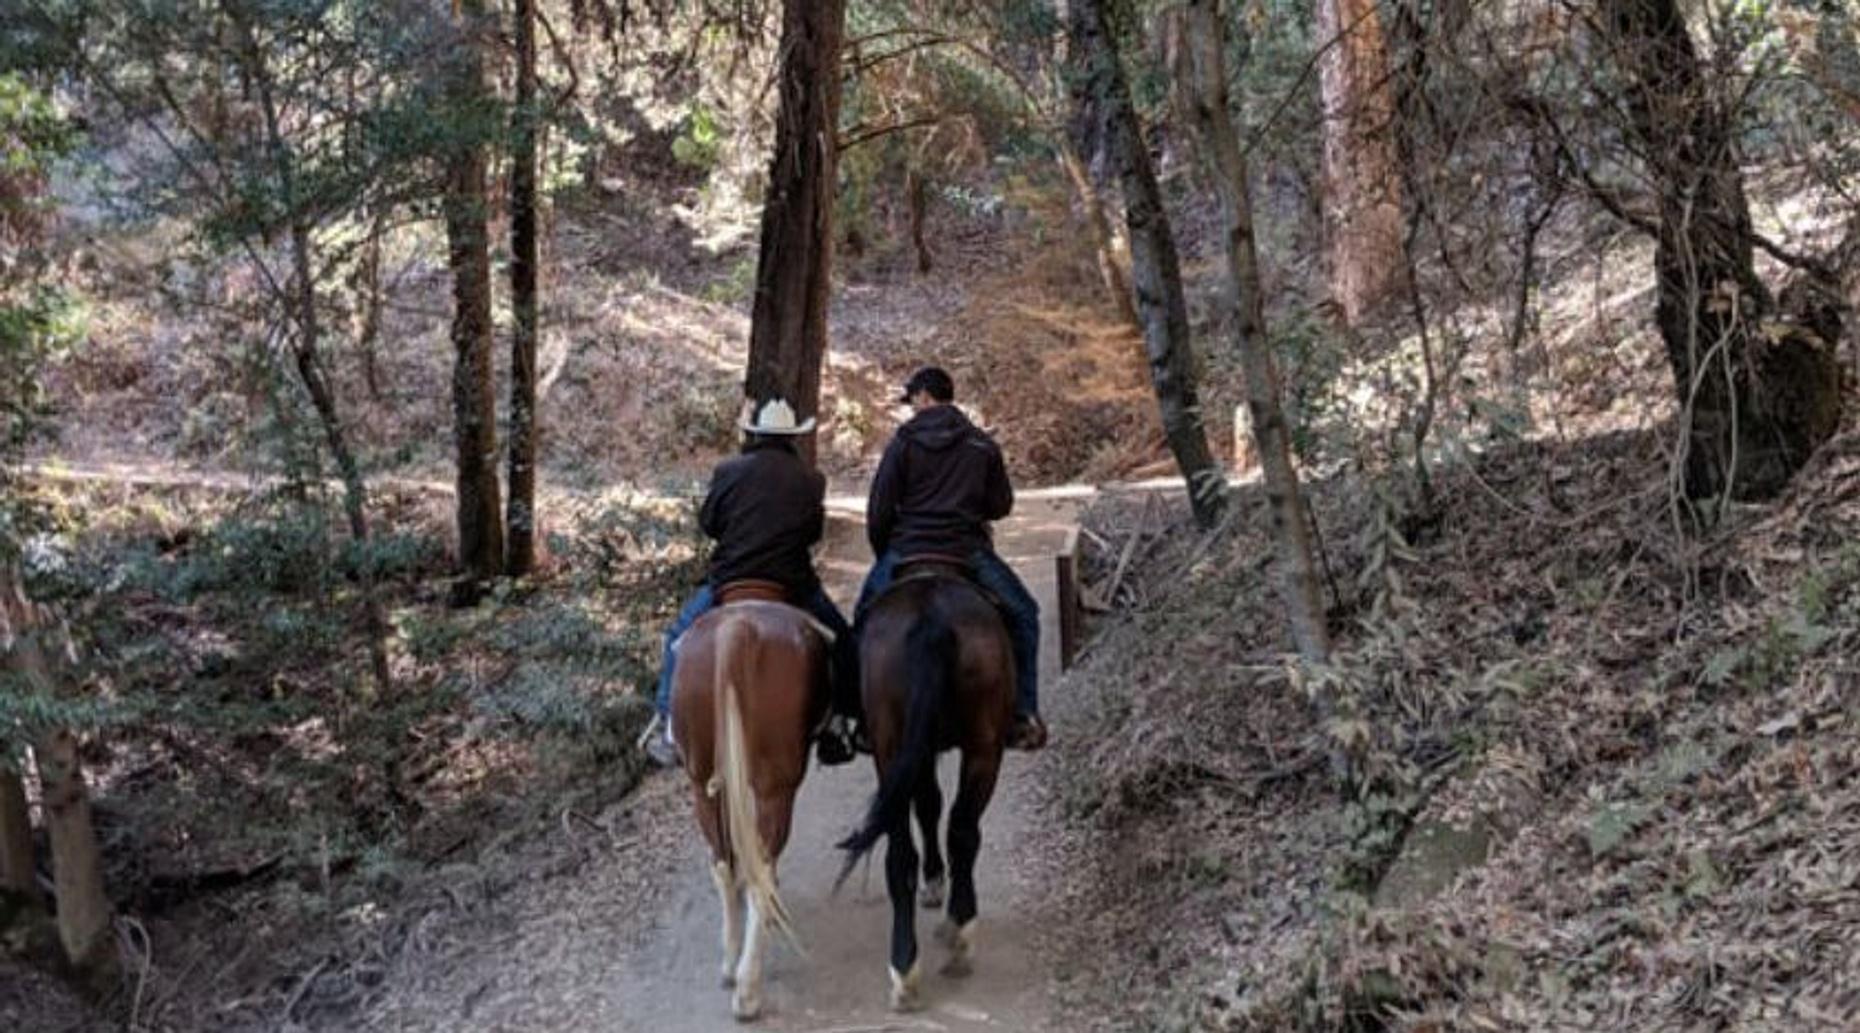 1-Hour Horseback Ride Tour at Golden Gate Park in San Francisco